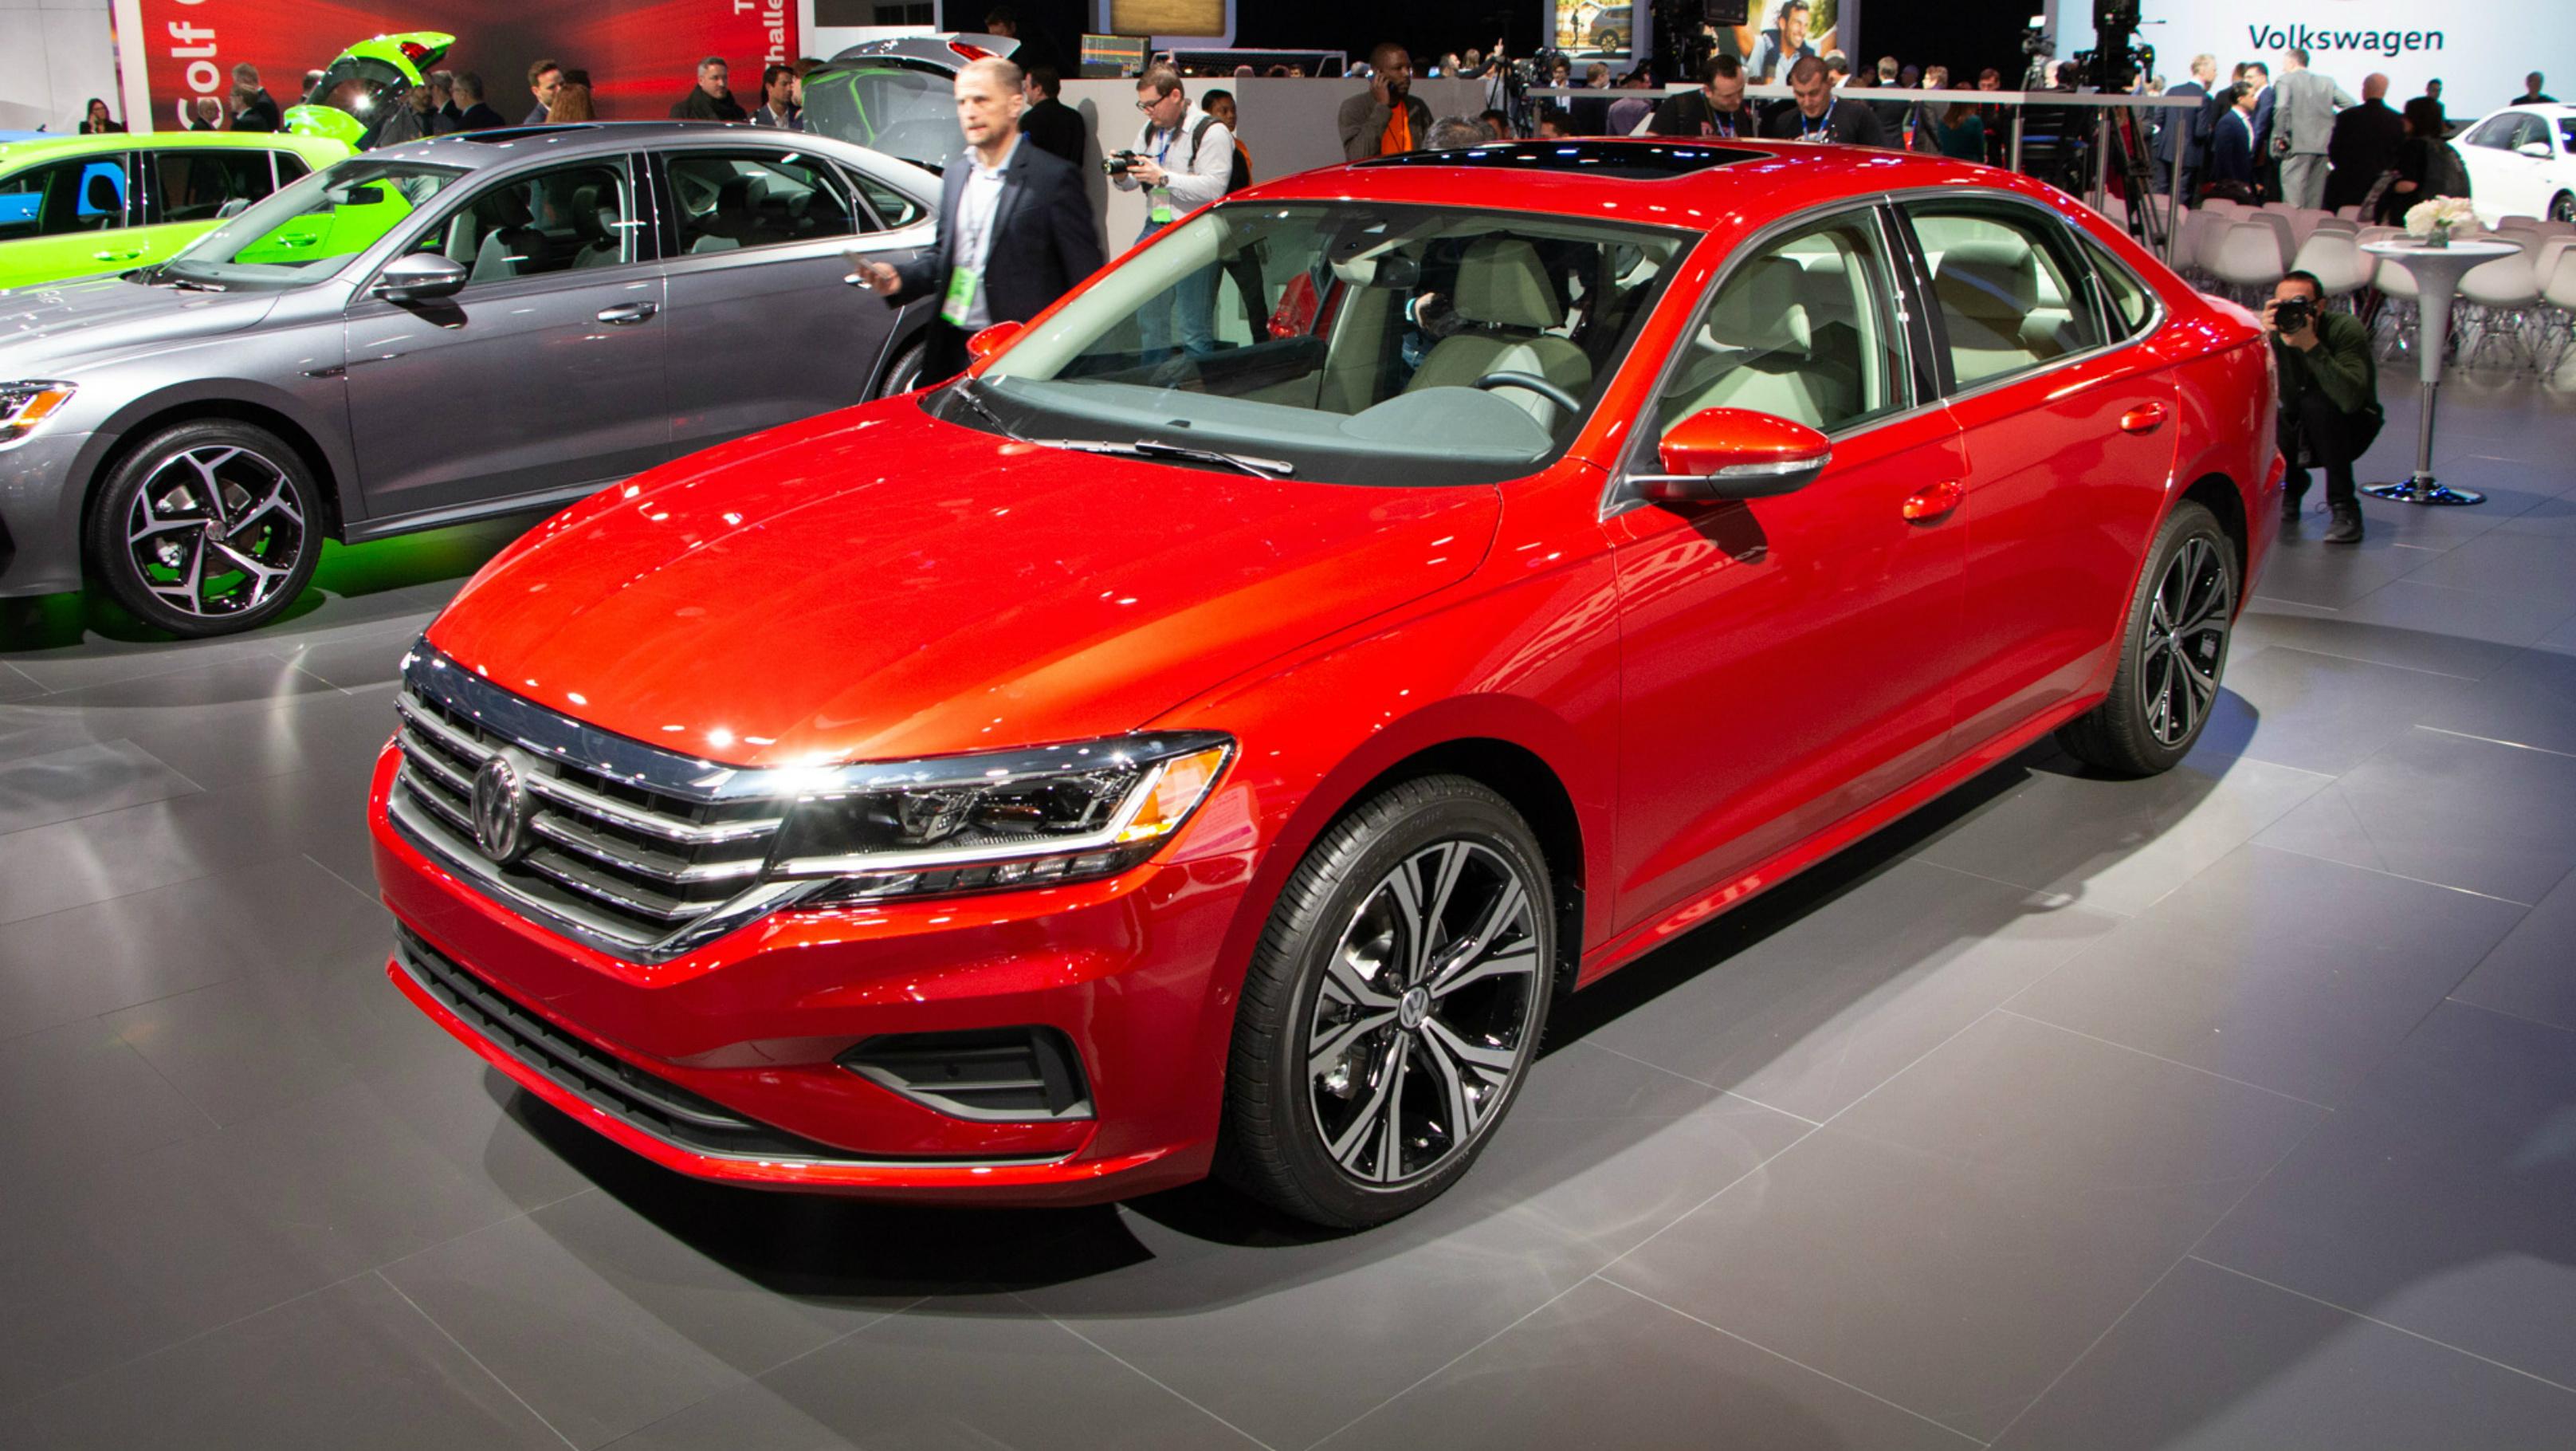 Volkswagen 2020 Passat Sedan